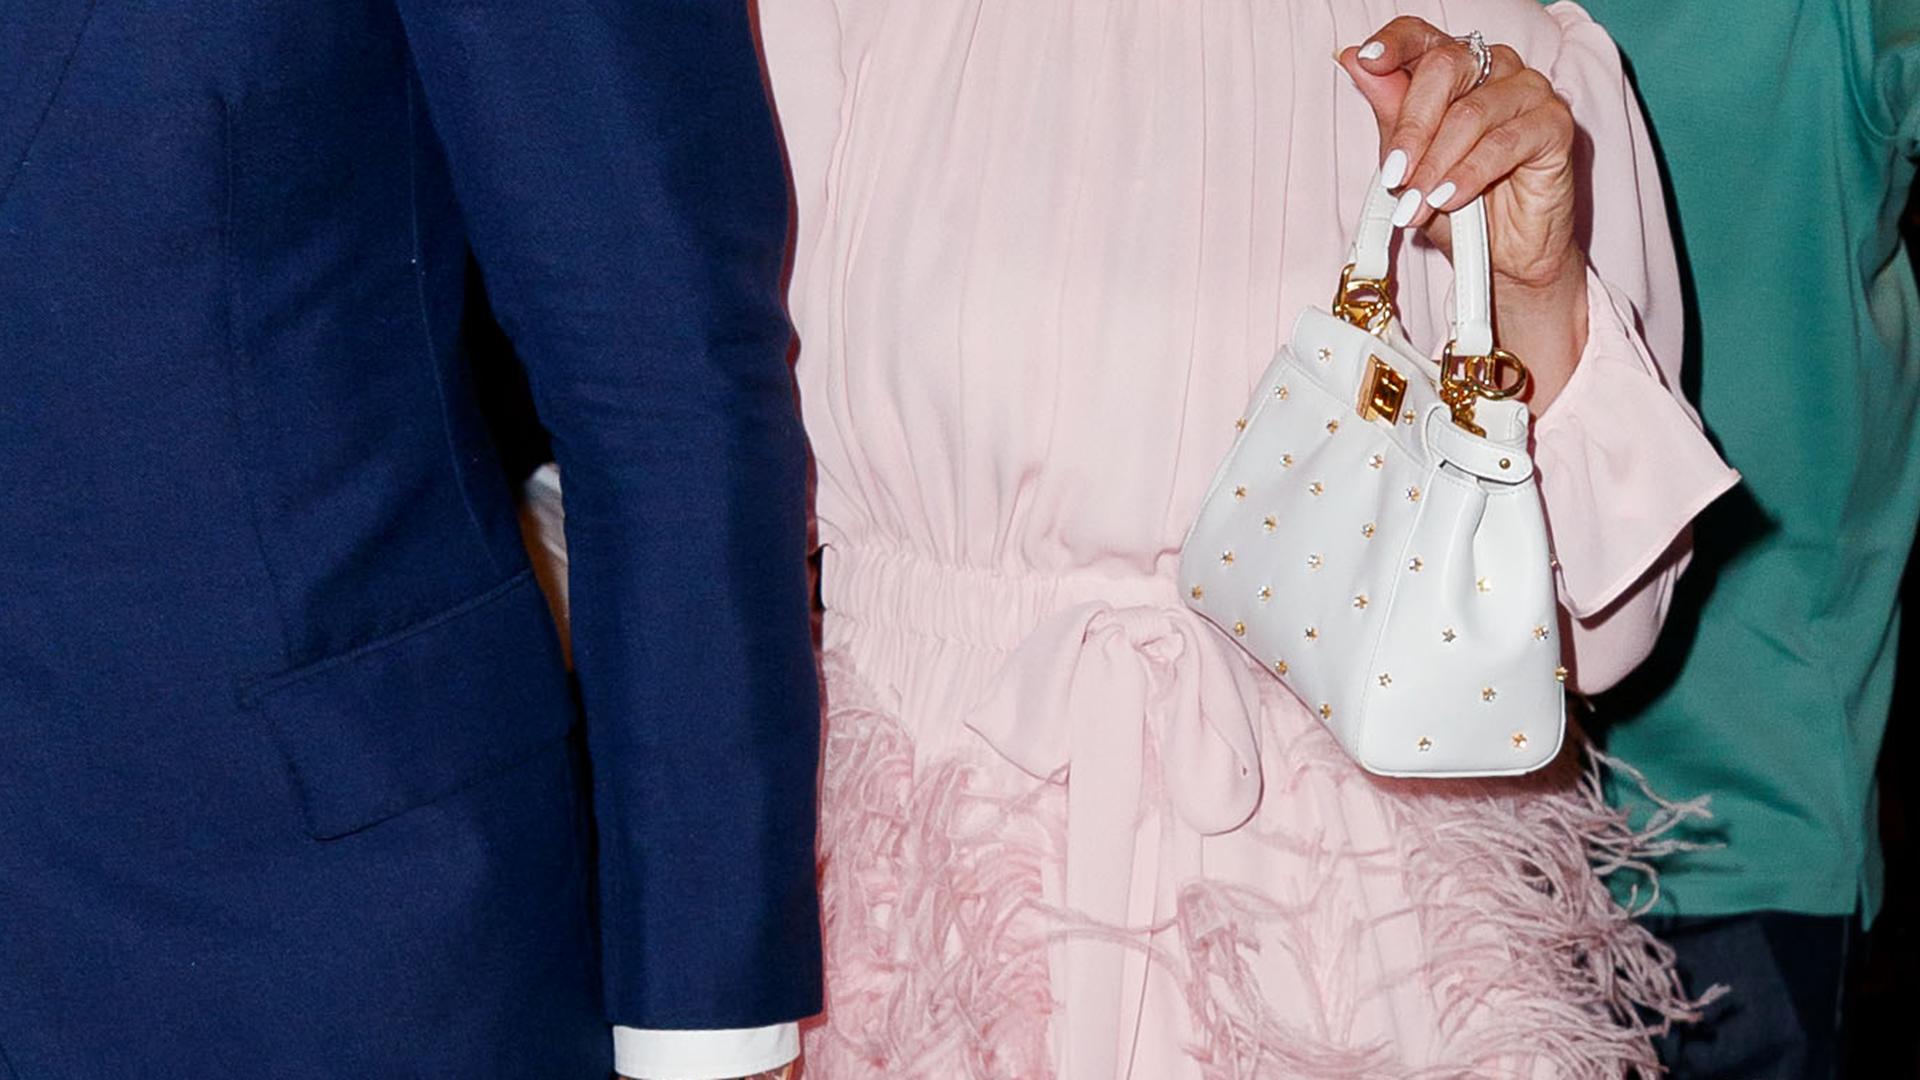 El detalle de su pequeña cartera de mano blanca, con detalles oro